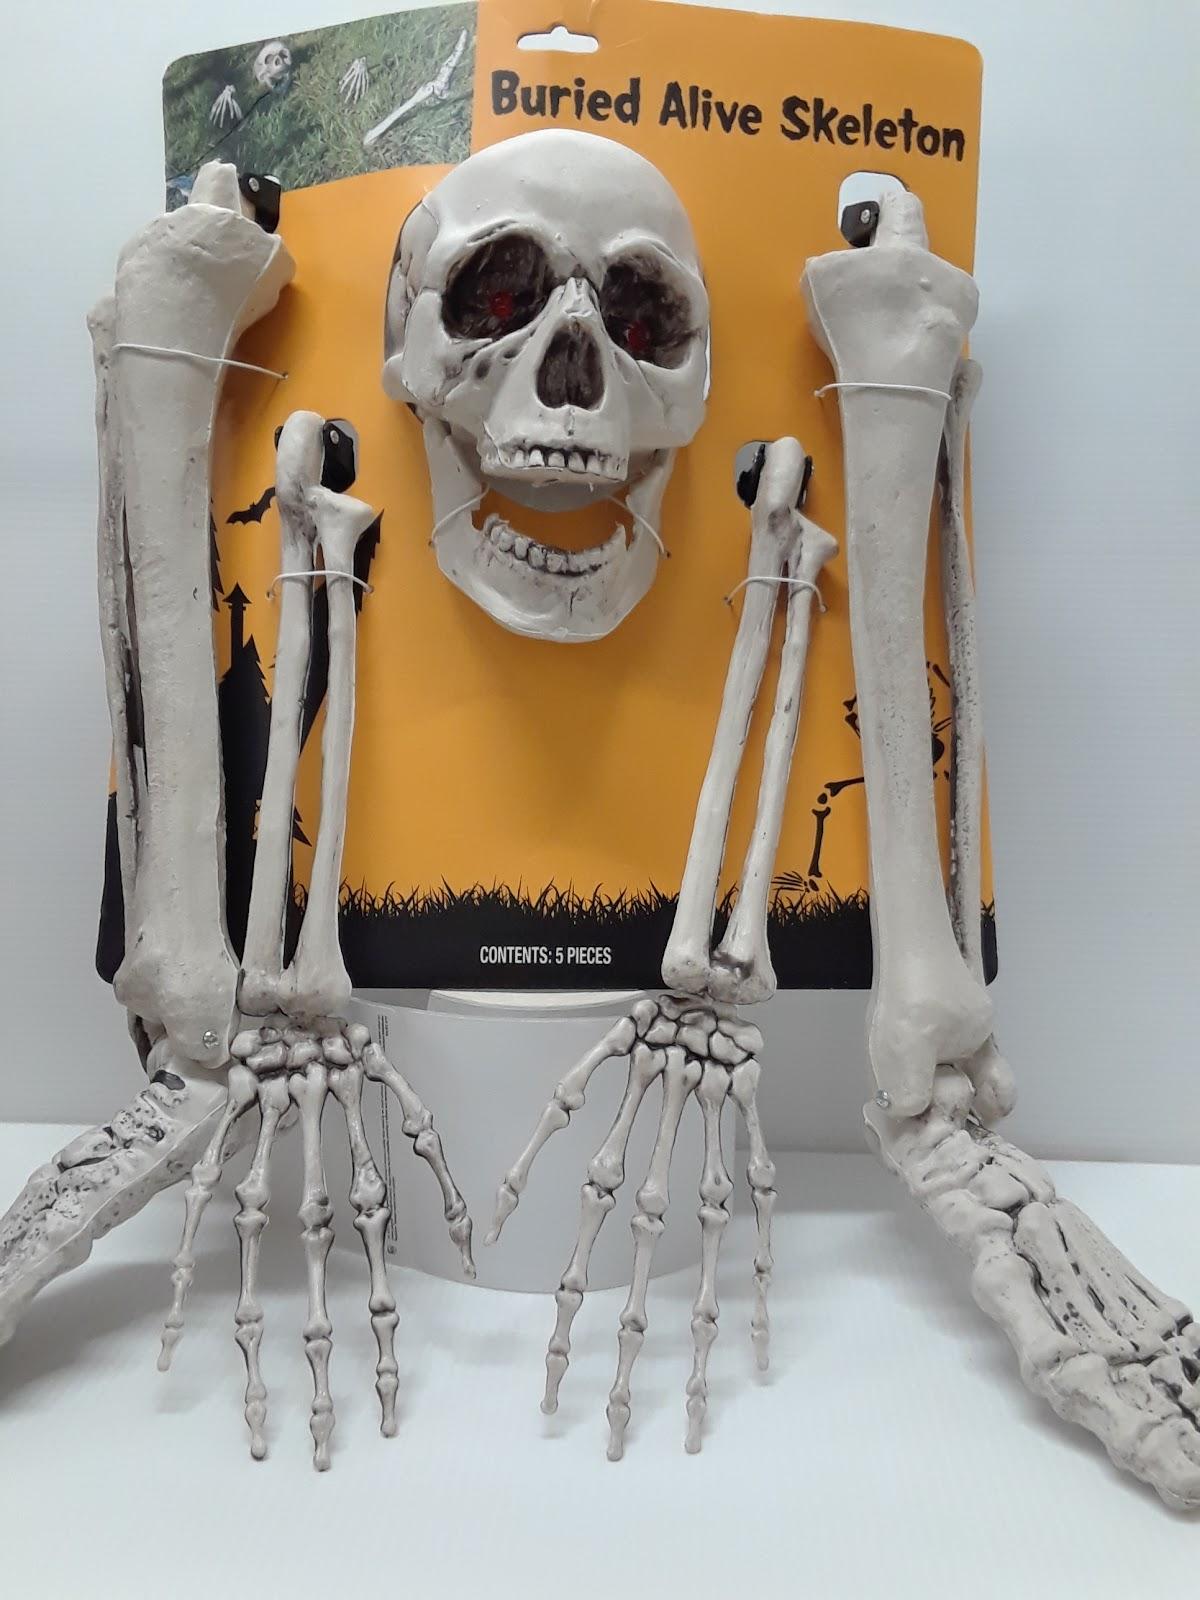 Buried Alive Skeleton Outdoor Decoration